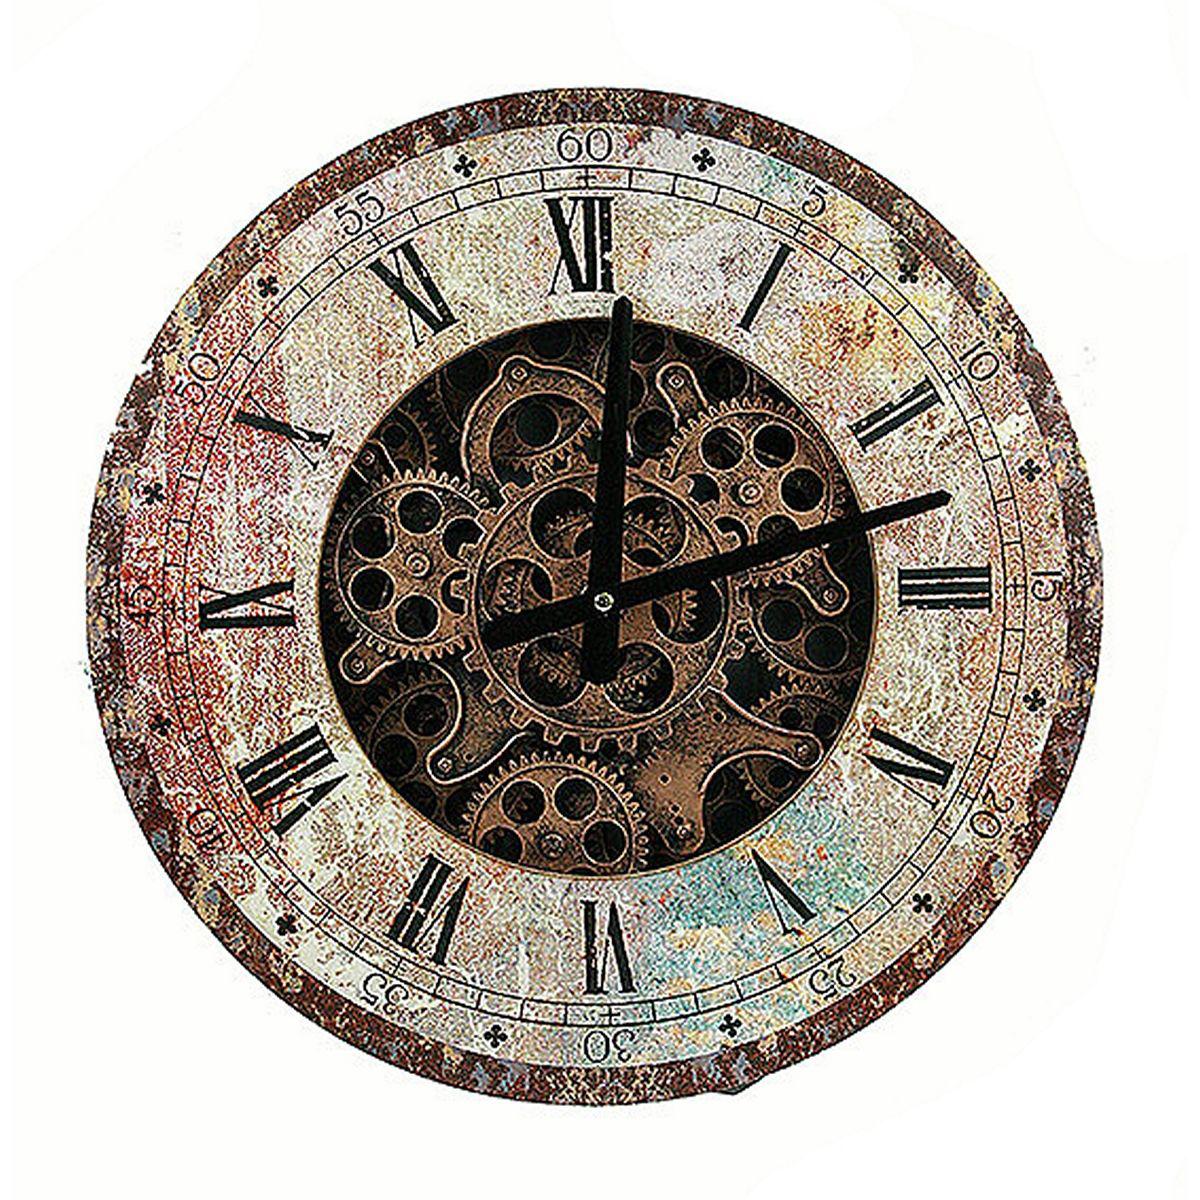 Часы настенные Русские Подарки, 40 х 40 х 7 см. 3478734787Настенные кварцевые часы Русские Подарки изготовлены из МДФ. Корпус оформлен изображением больших и маленьких шестеренок часового механизма. Часы имеют две стрелки - часовую и минутную. С обратной стороны имеется петелька для подвешивания на стену. Изящные часы красиво и оригинально оформят интерьер дома или офиса. Также часы могут стать уникальным, полезным подарком для родственников, коллег, знакомых и близких. Часы работают от батареек типа АА (в комплект не входят).